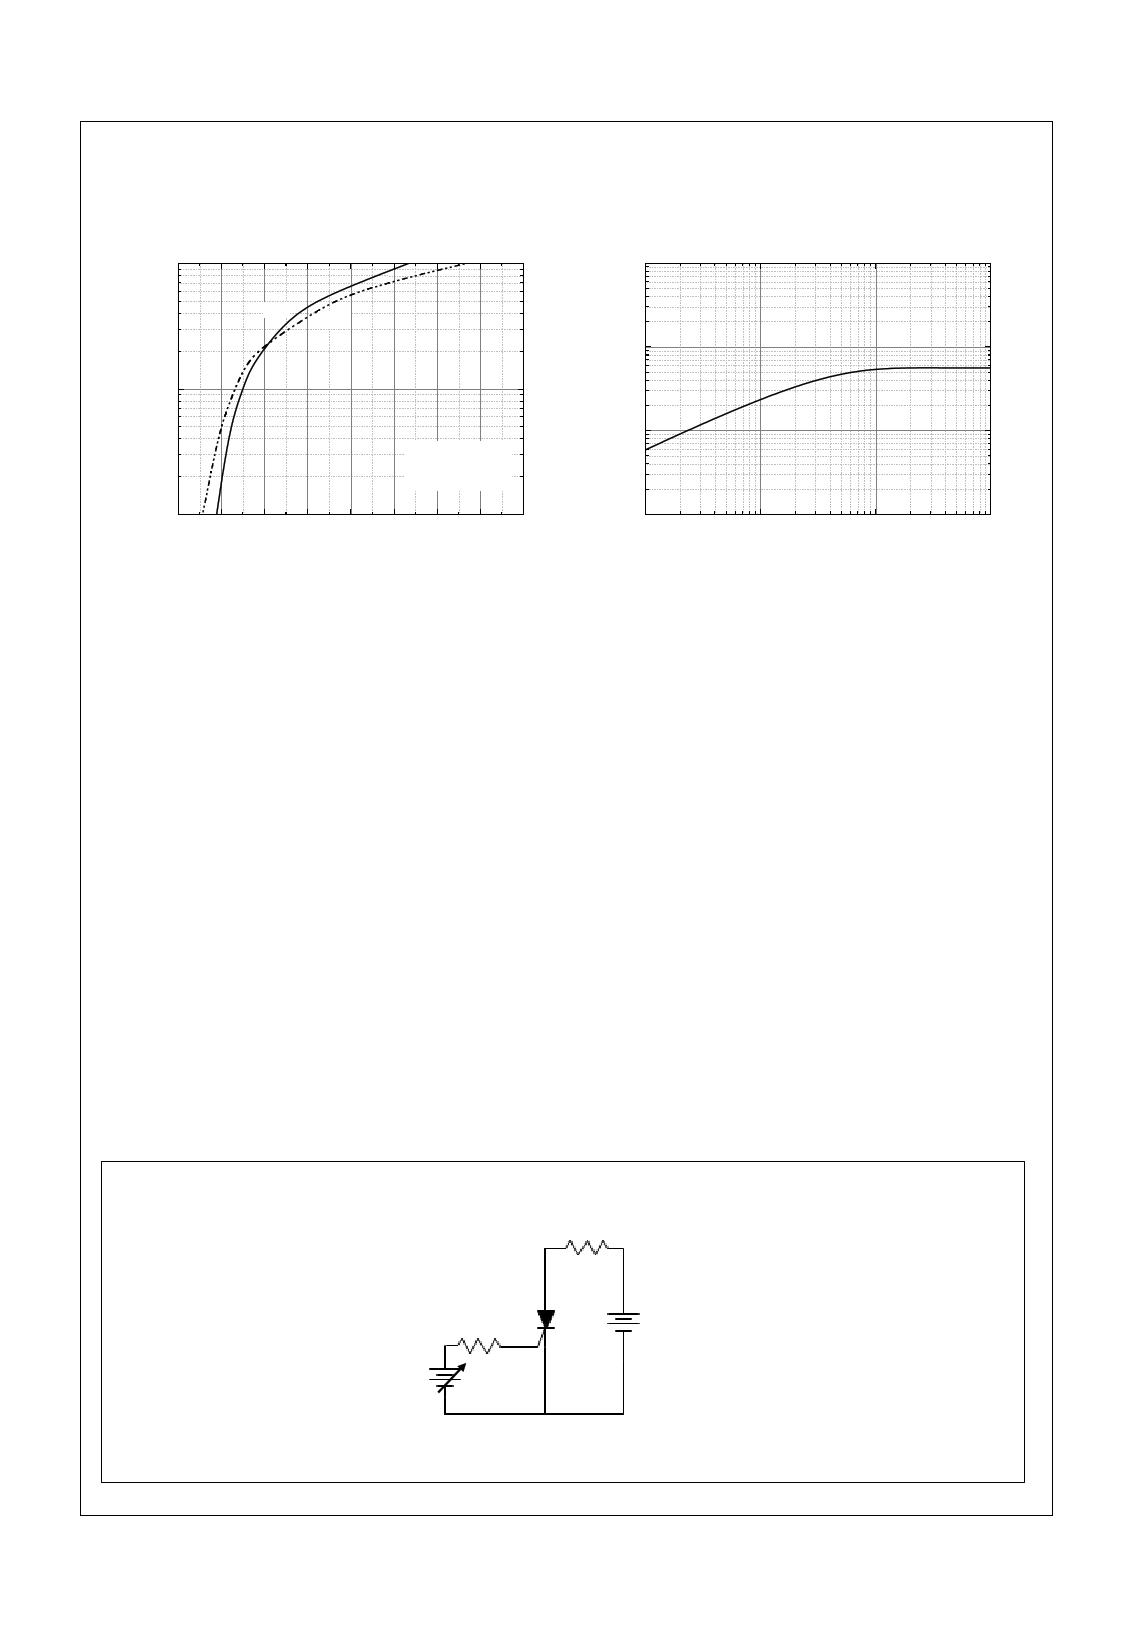 MCR100-8 pdf, 반도체, 판매, 대치품